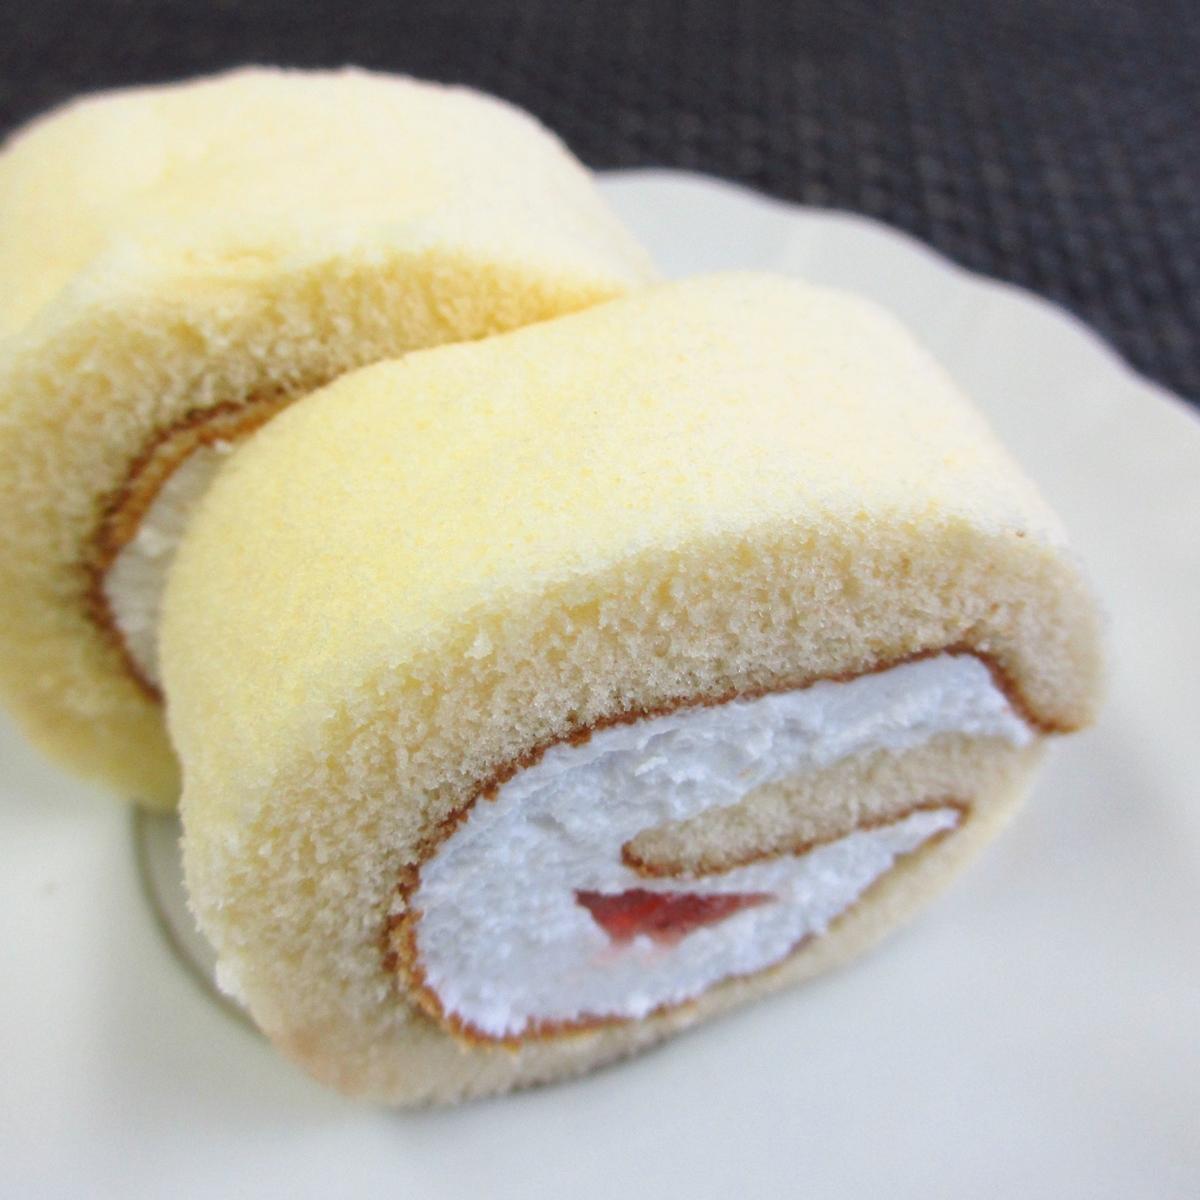 イチゴのロールケーキ20150627 (1)